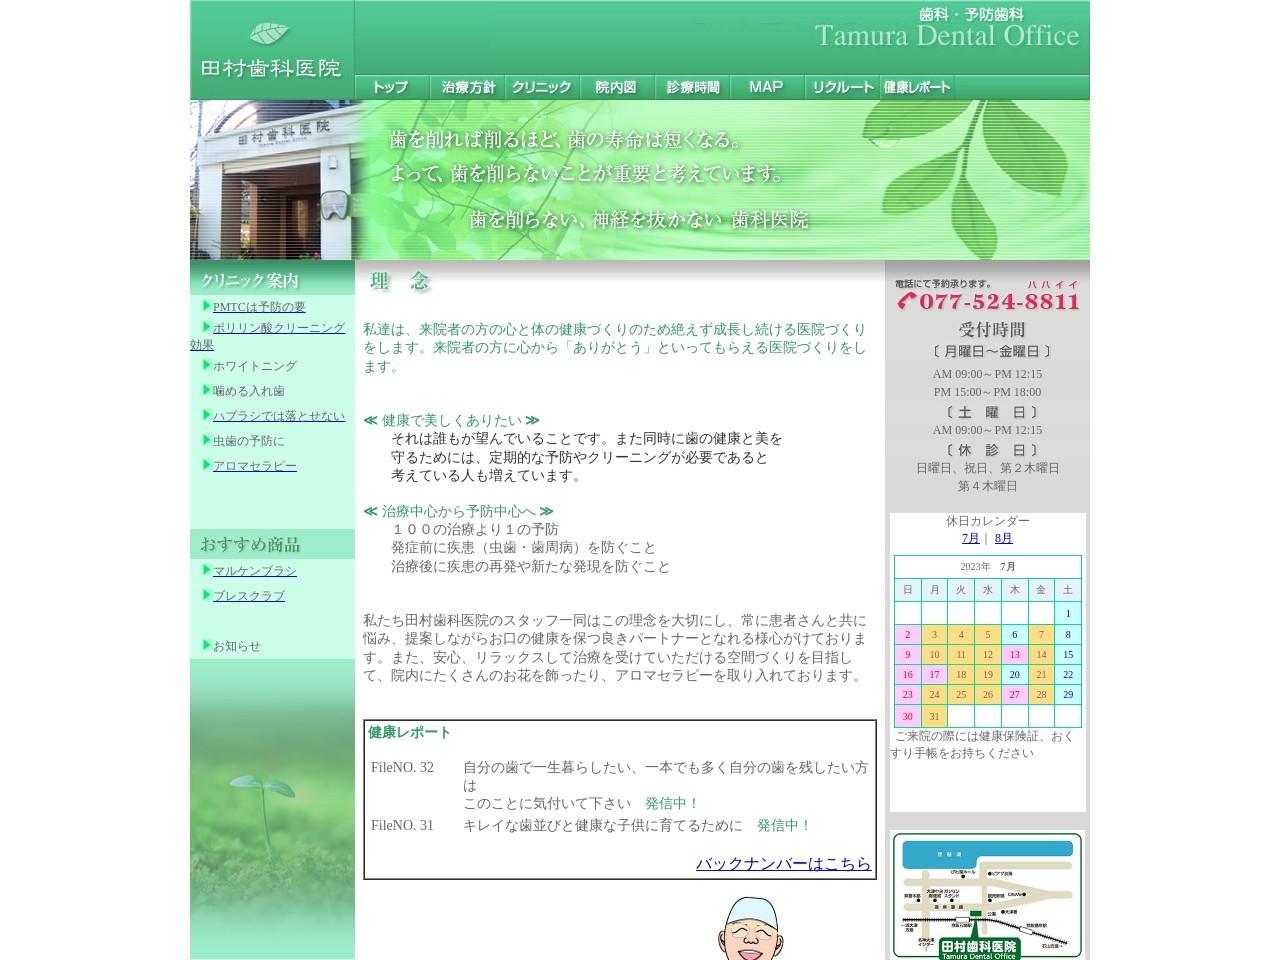 田村歯科医院 (滋賀県大津市)